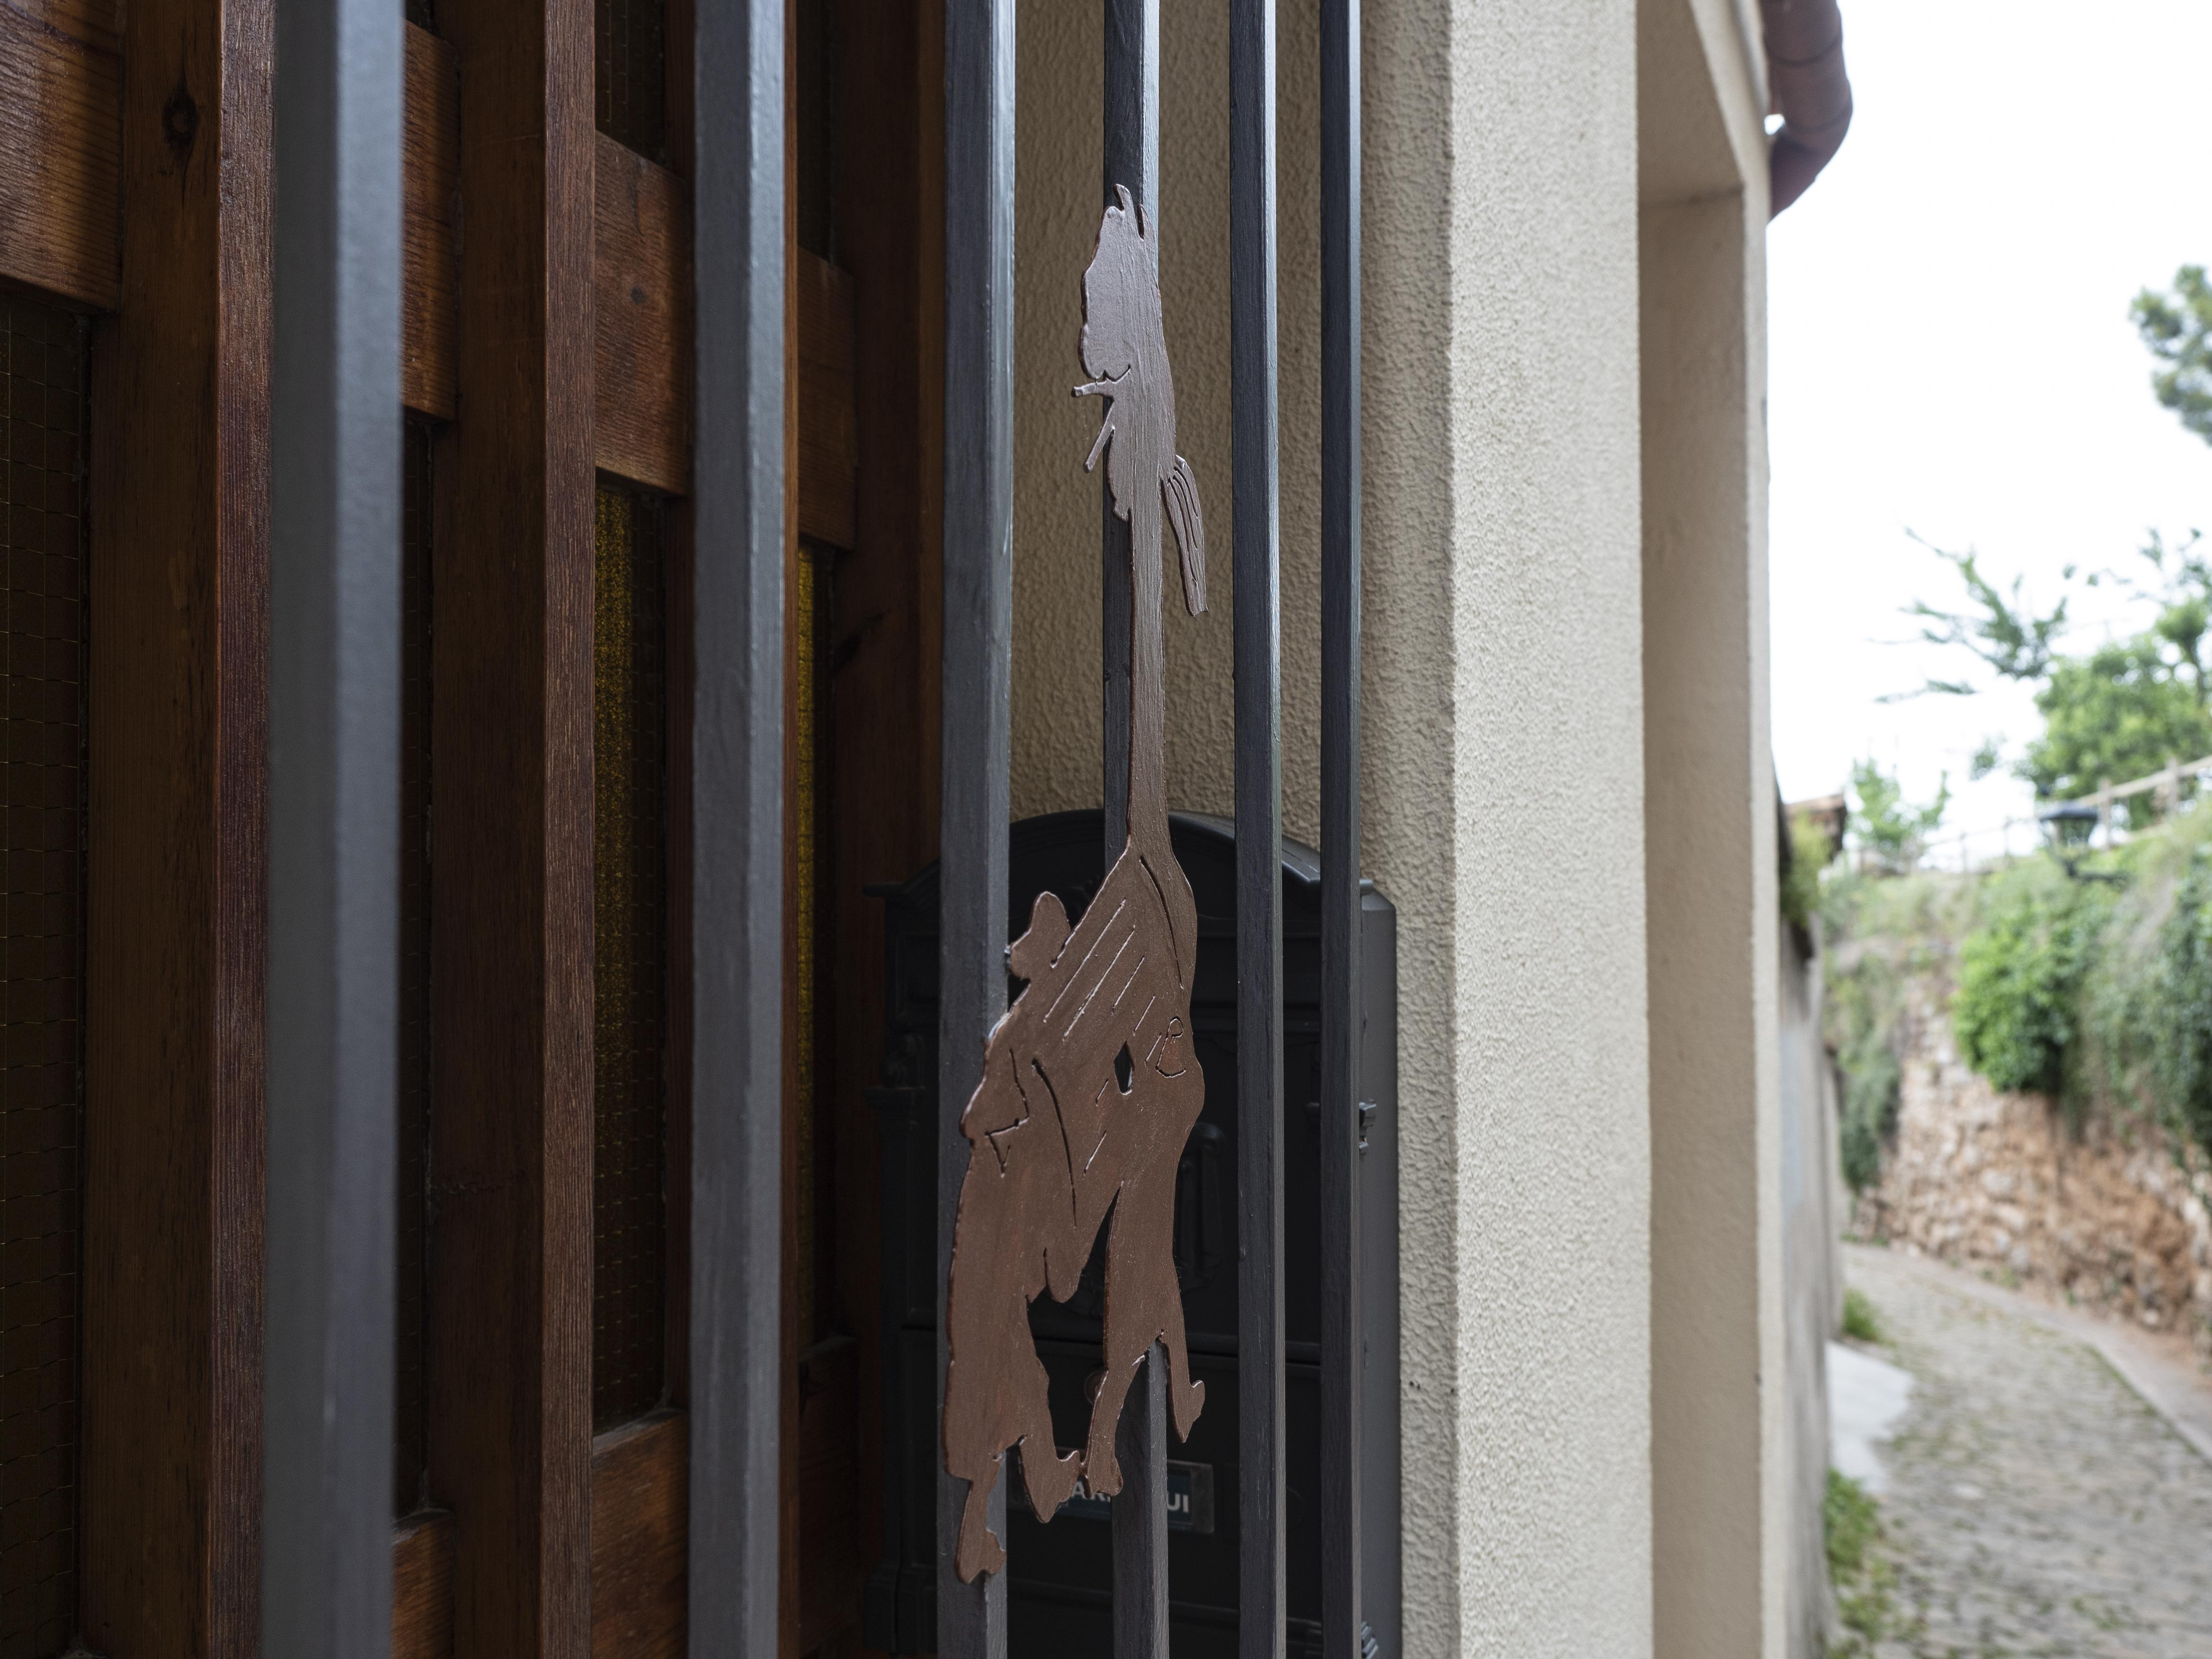 Detall d'una Guita Xica en una finestra d'un habitatge del casc antic. FOTO: Anna E. Puig